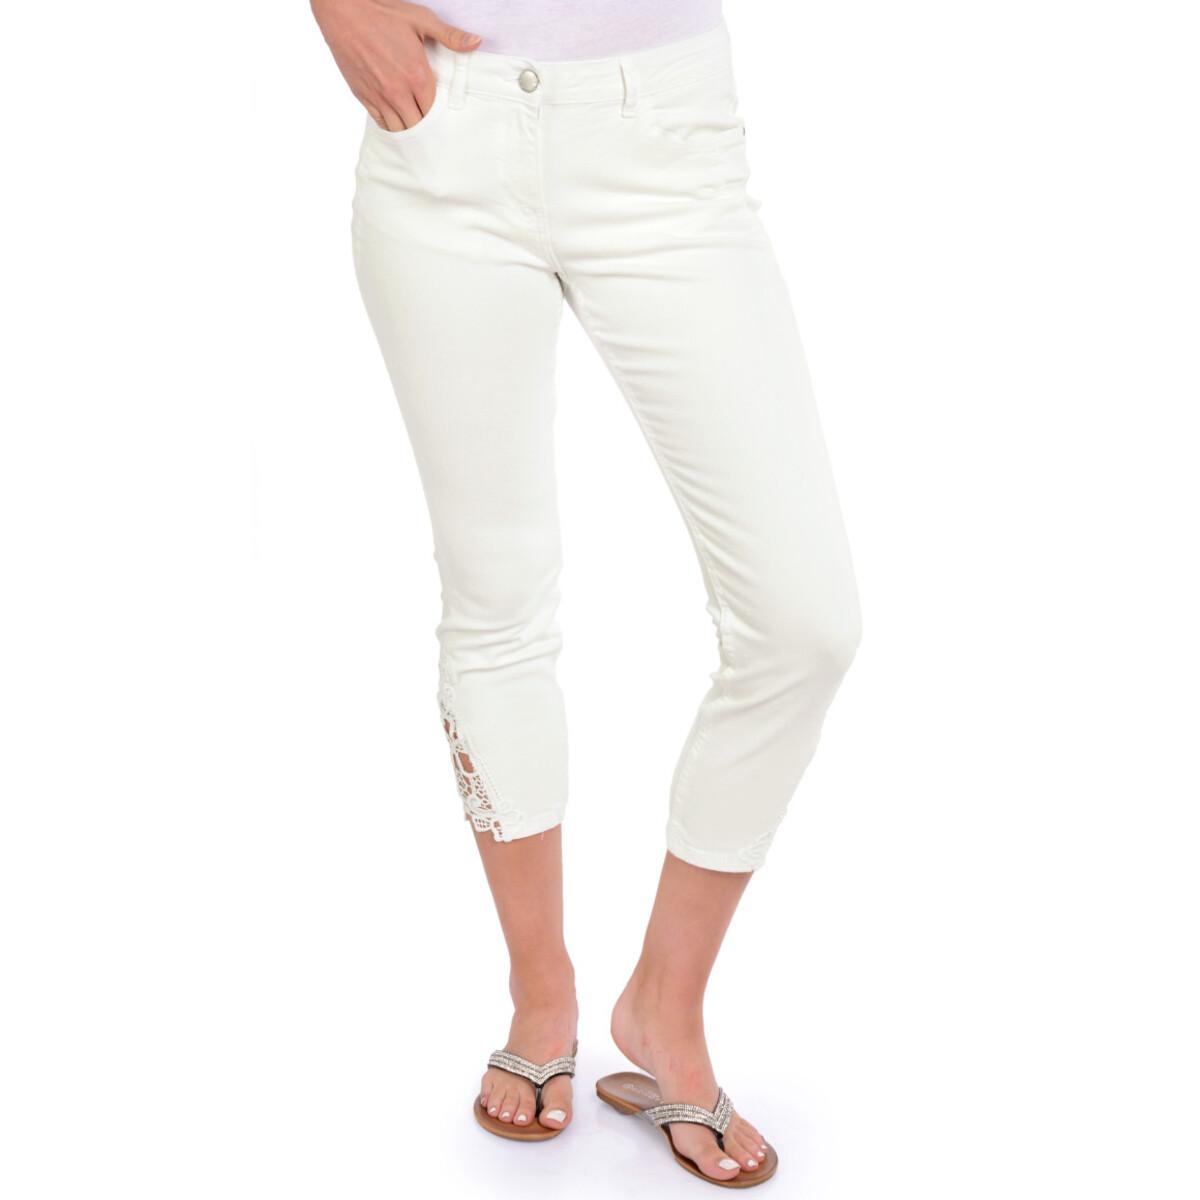 Bild 2 von 7/8 Damen Slim-Jeans mit Spitze